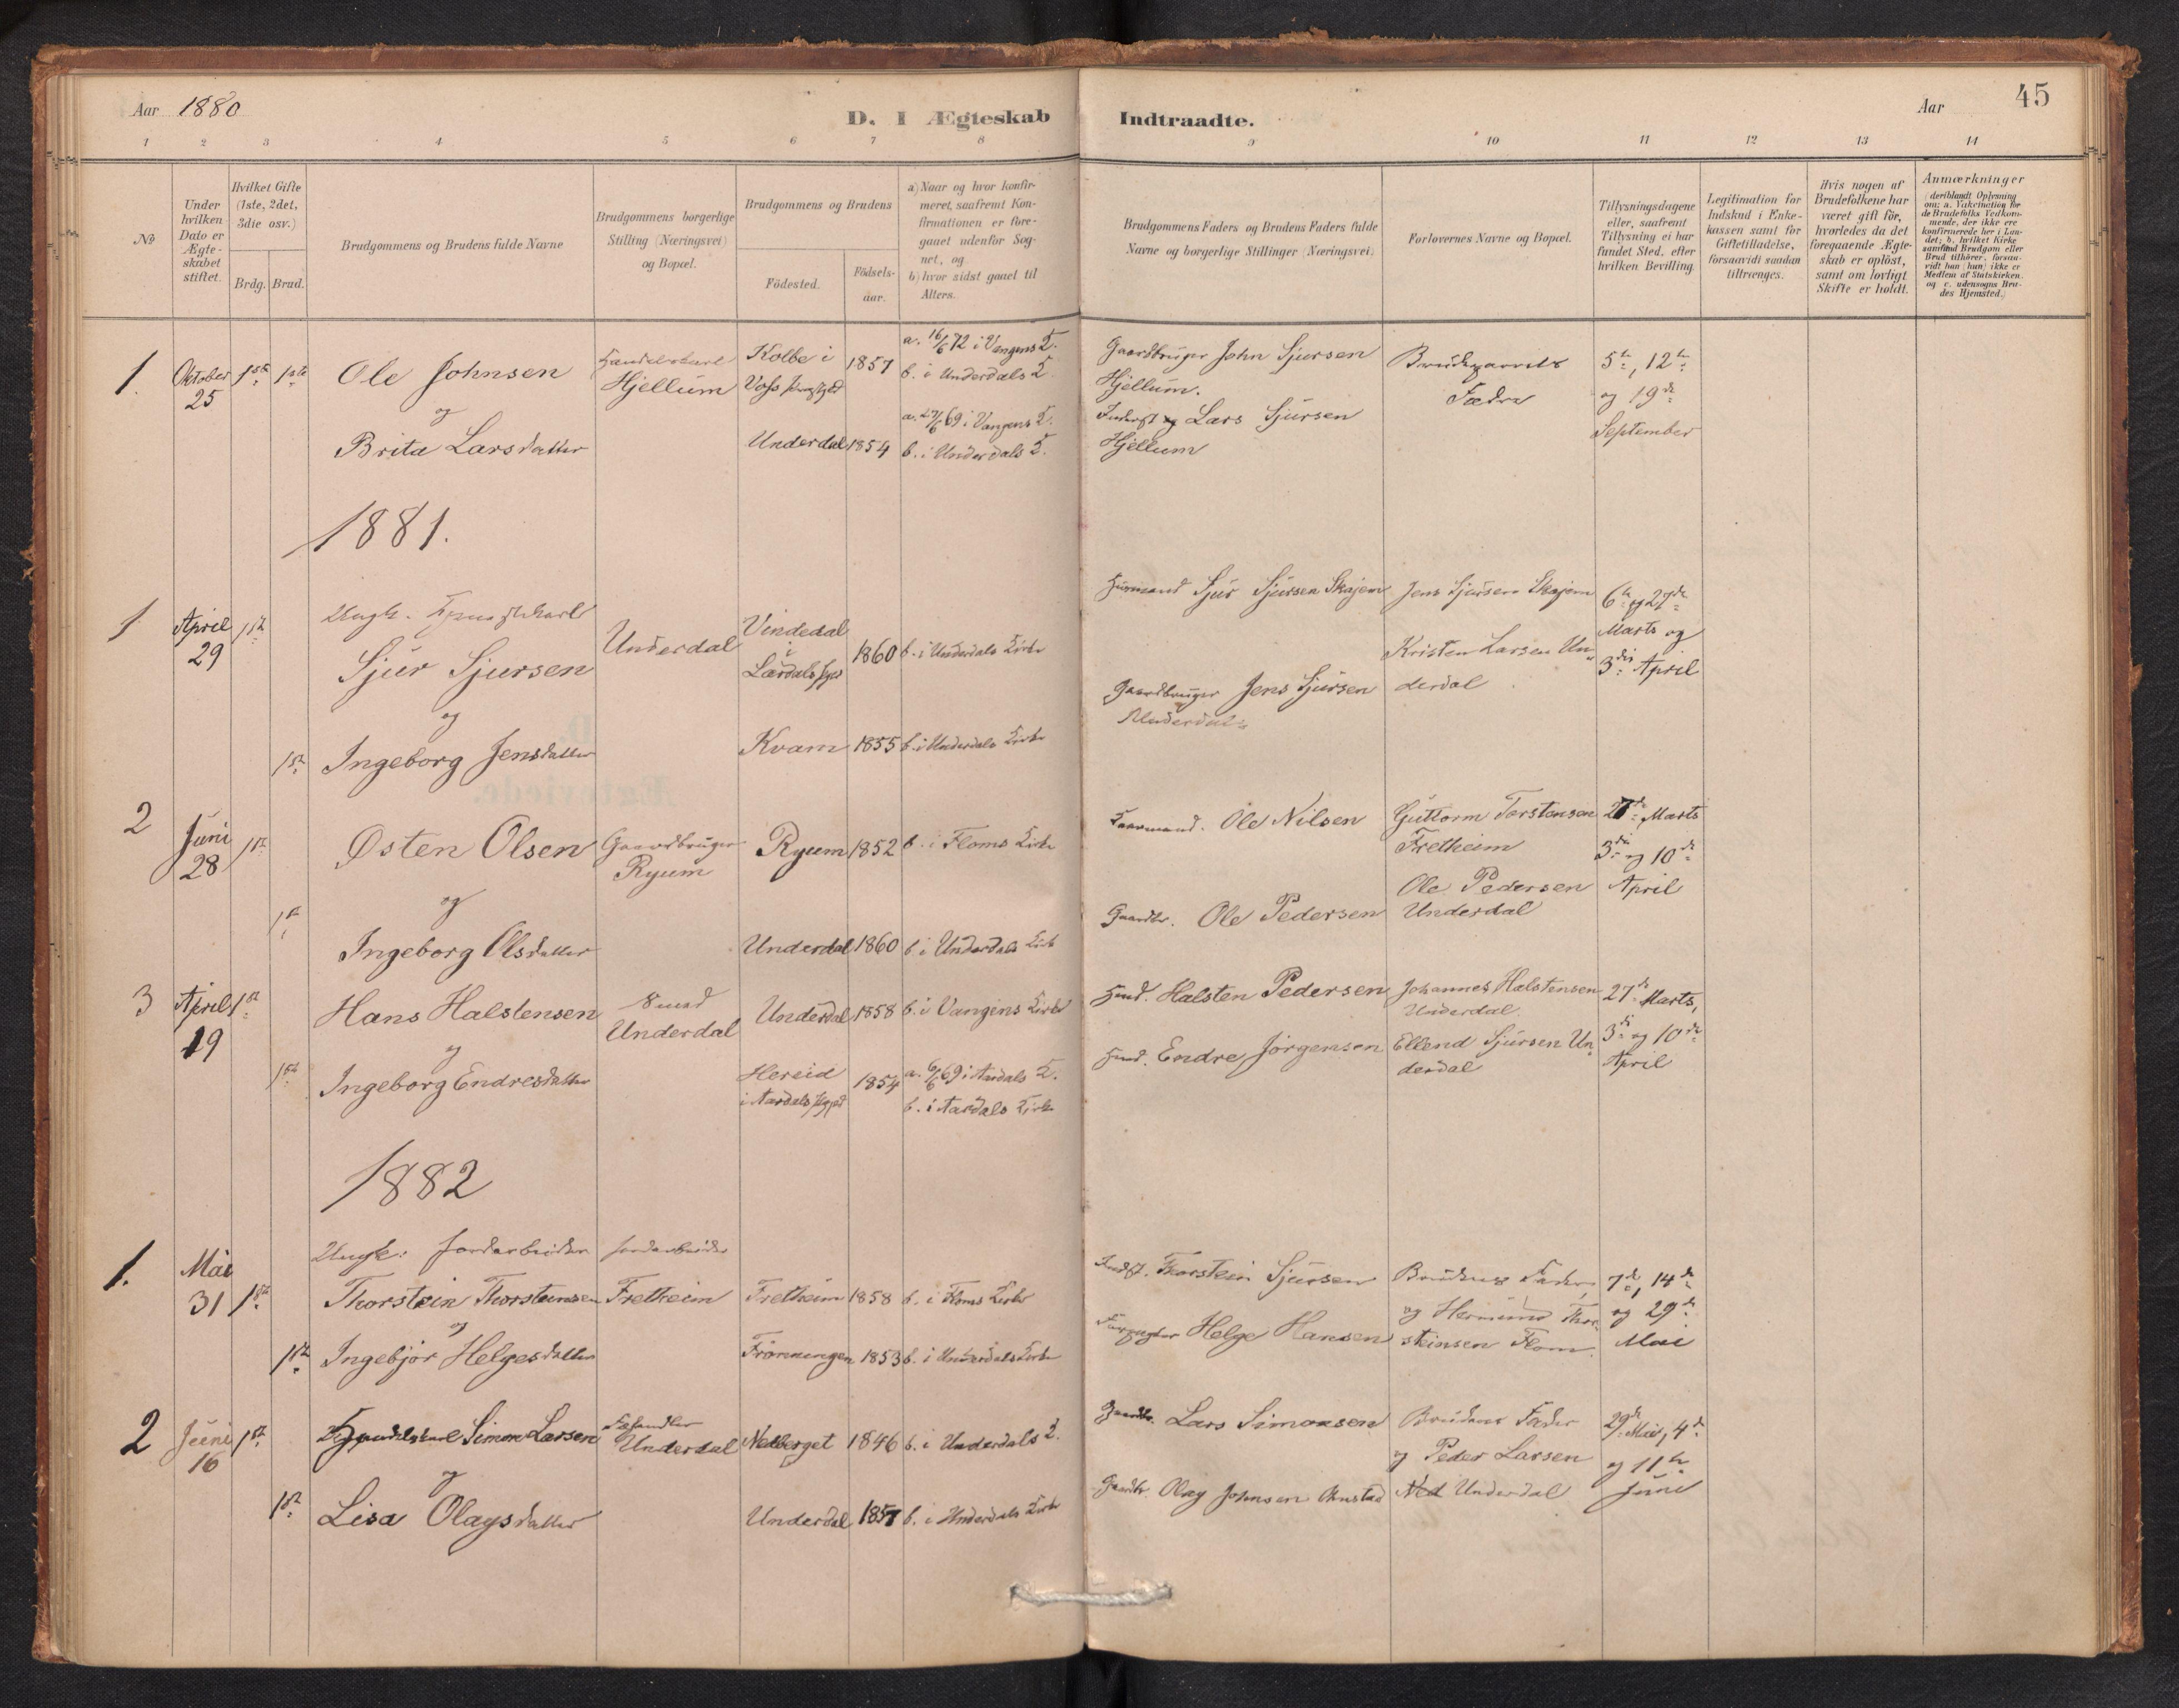 SAB, Aurland Sokneprestembete*, Ministerialbok nr. E 1, 1880-1907, s. 44b-45a